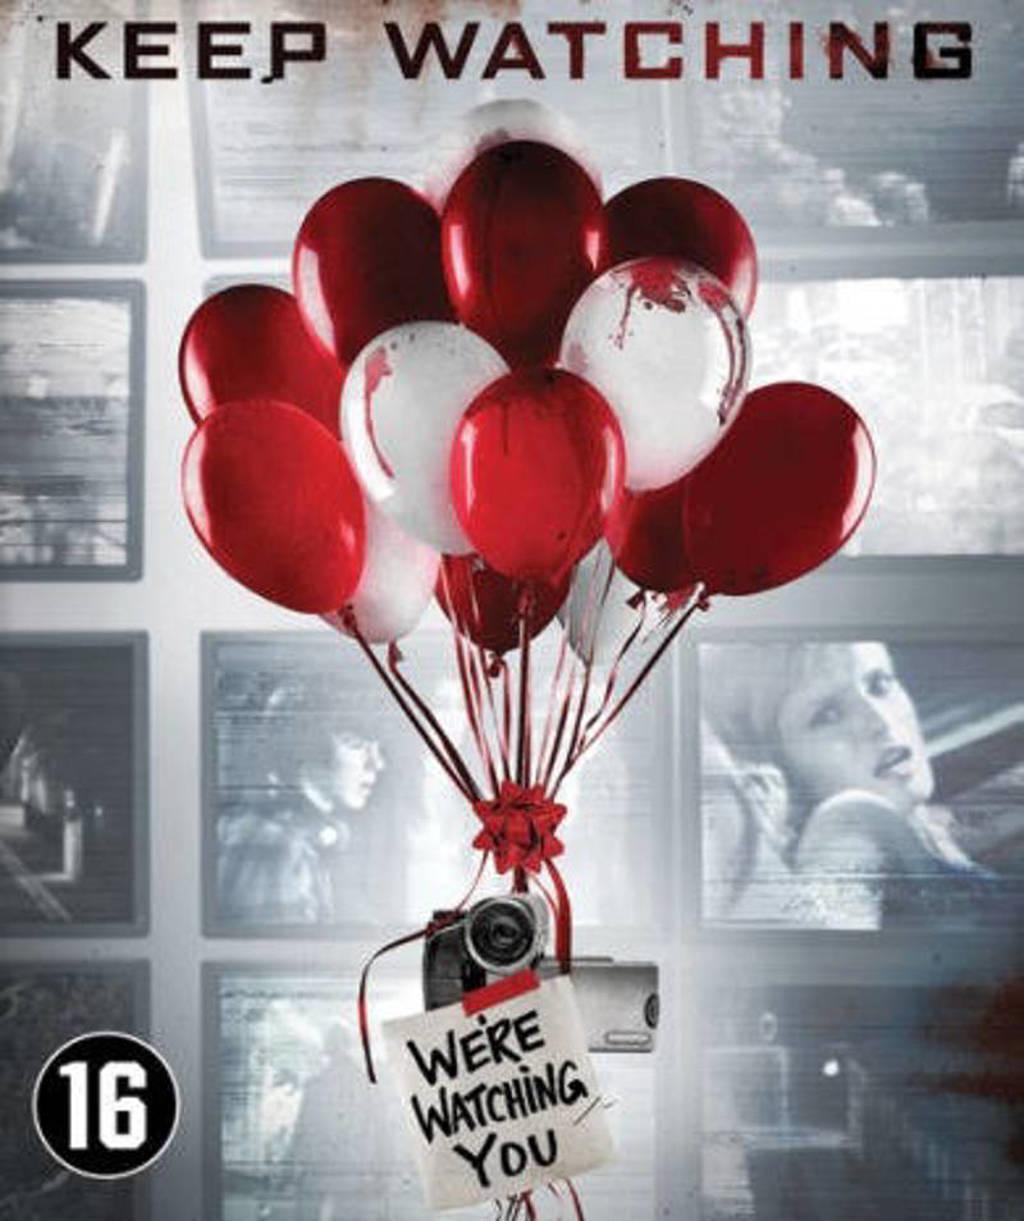 Keep watching (Blu-ray)